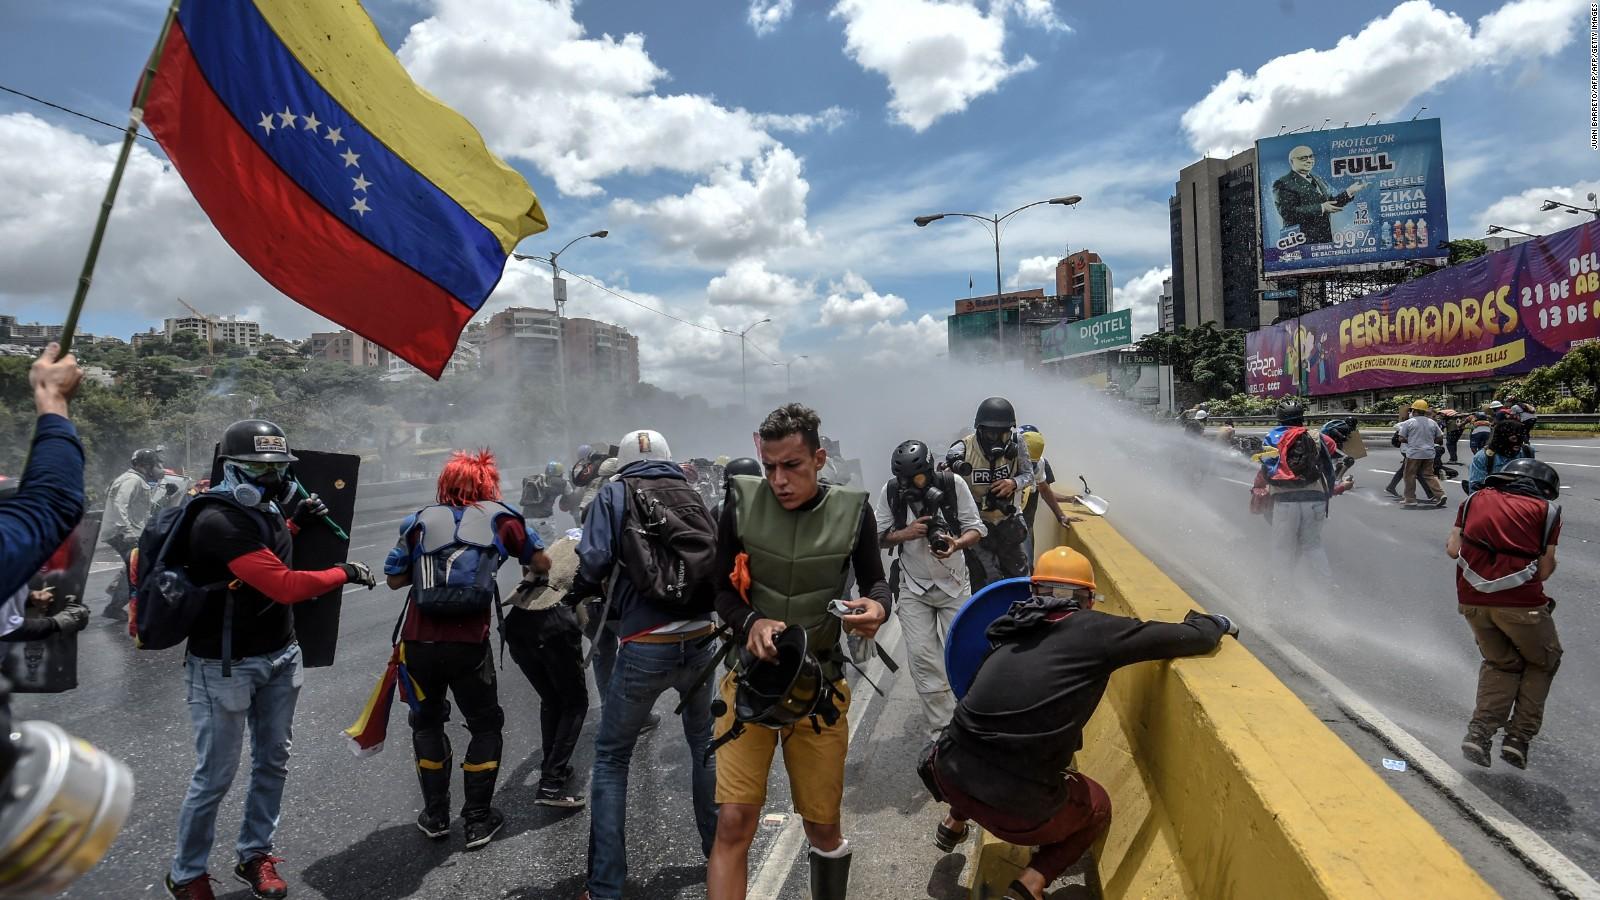 170620142106-protest-venezuela-francisco-fajardo-june-19-full-169